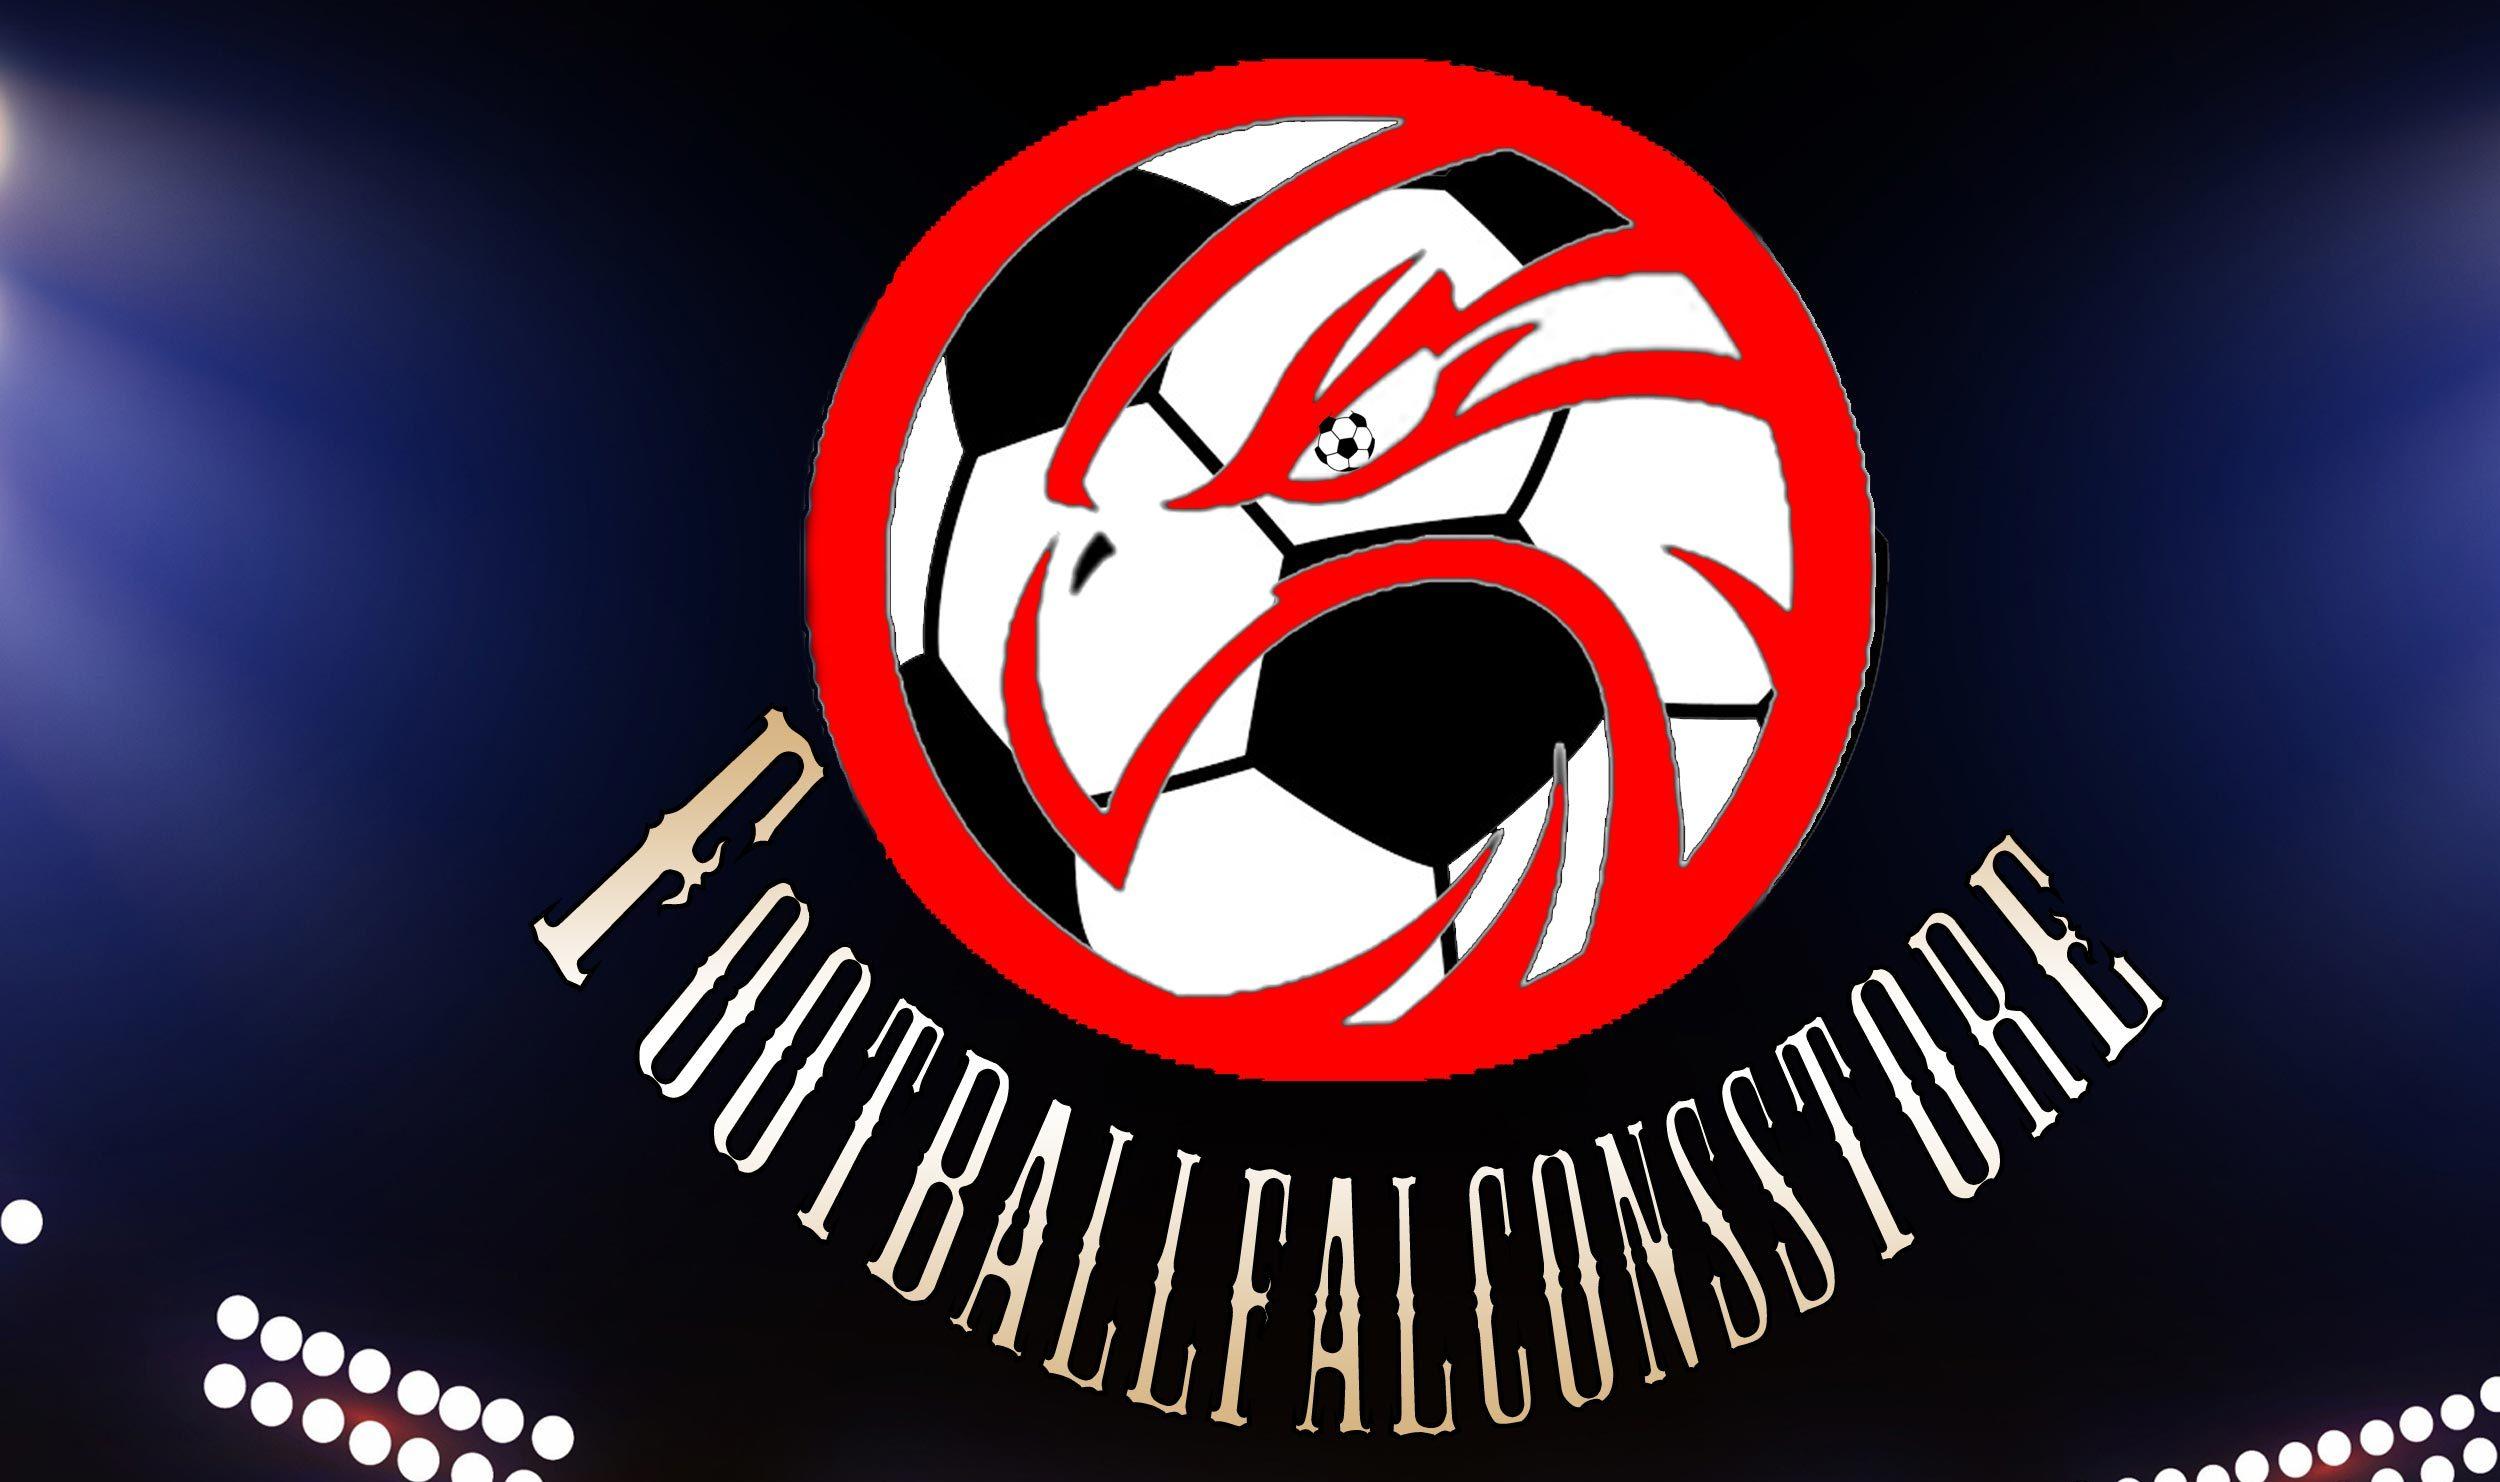 football falcons store/ แหล่งข่าวสารกีฬาฟุตบอล ไทยและต่างประเทศ พรีเมียร์ลีก ยูฟ่าแชมป์เปี้ยนลีก ไทยลีก ซีเกมส์ และอื่นๆอีกมากมาย